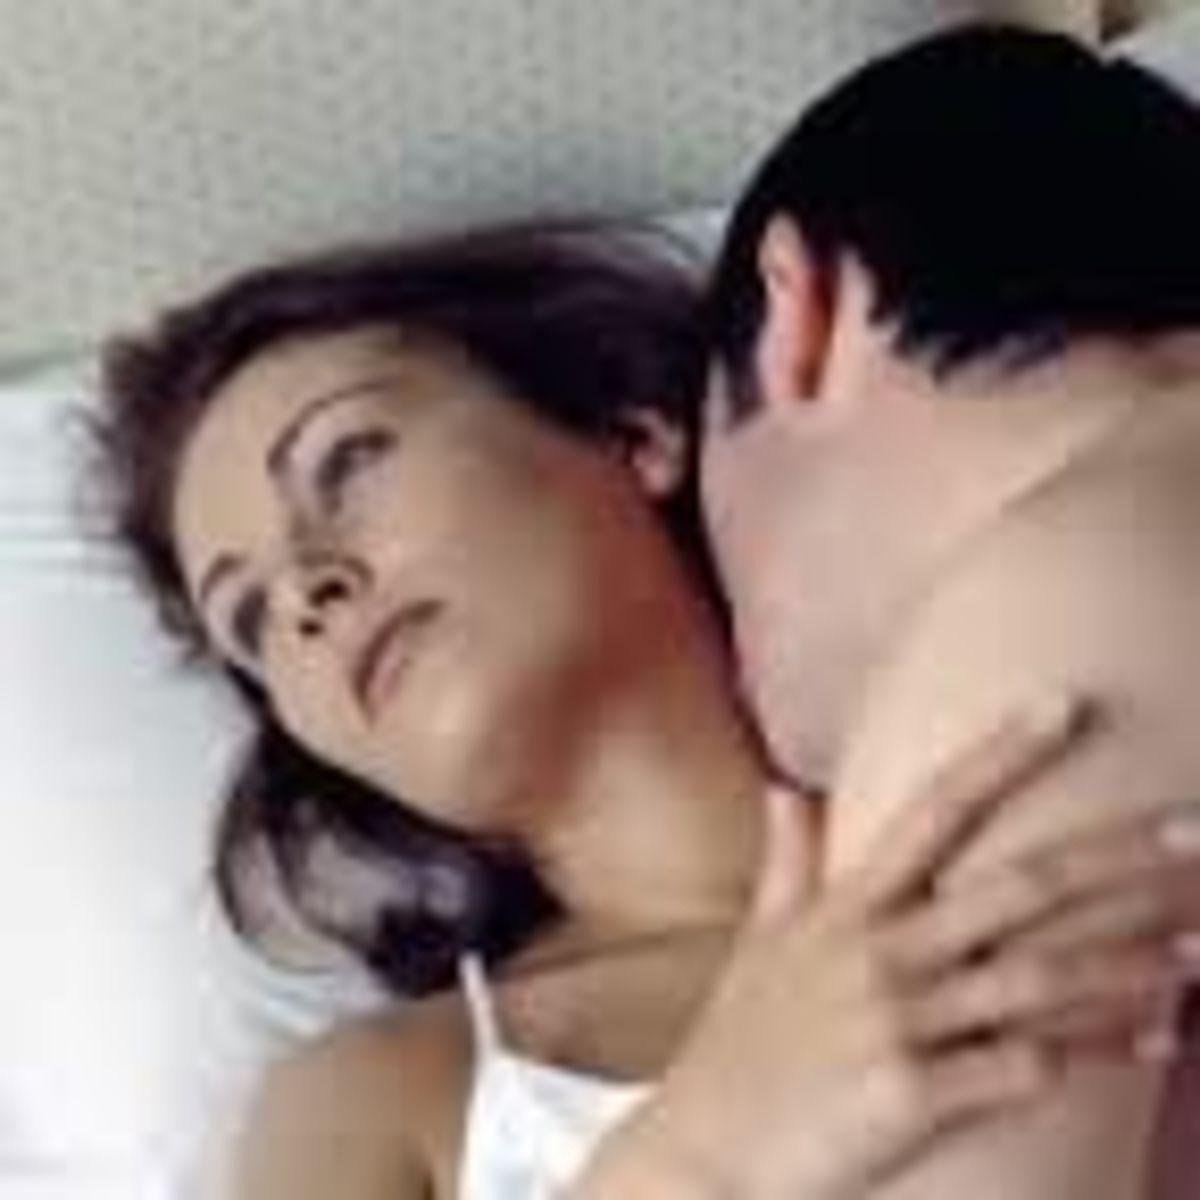 Pantyhose choking movies